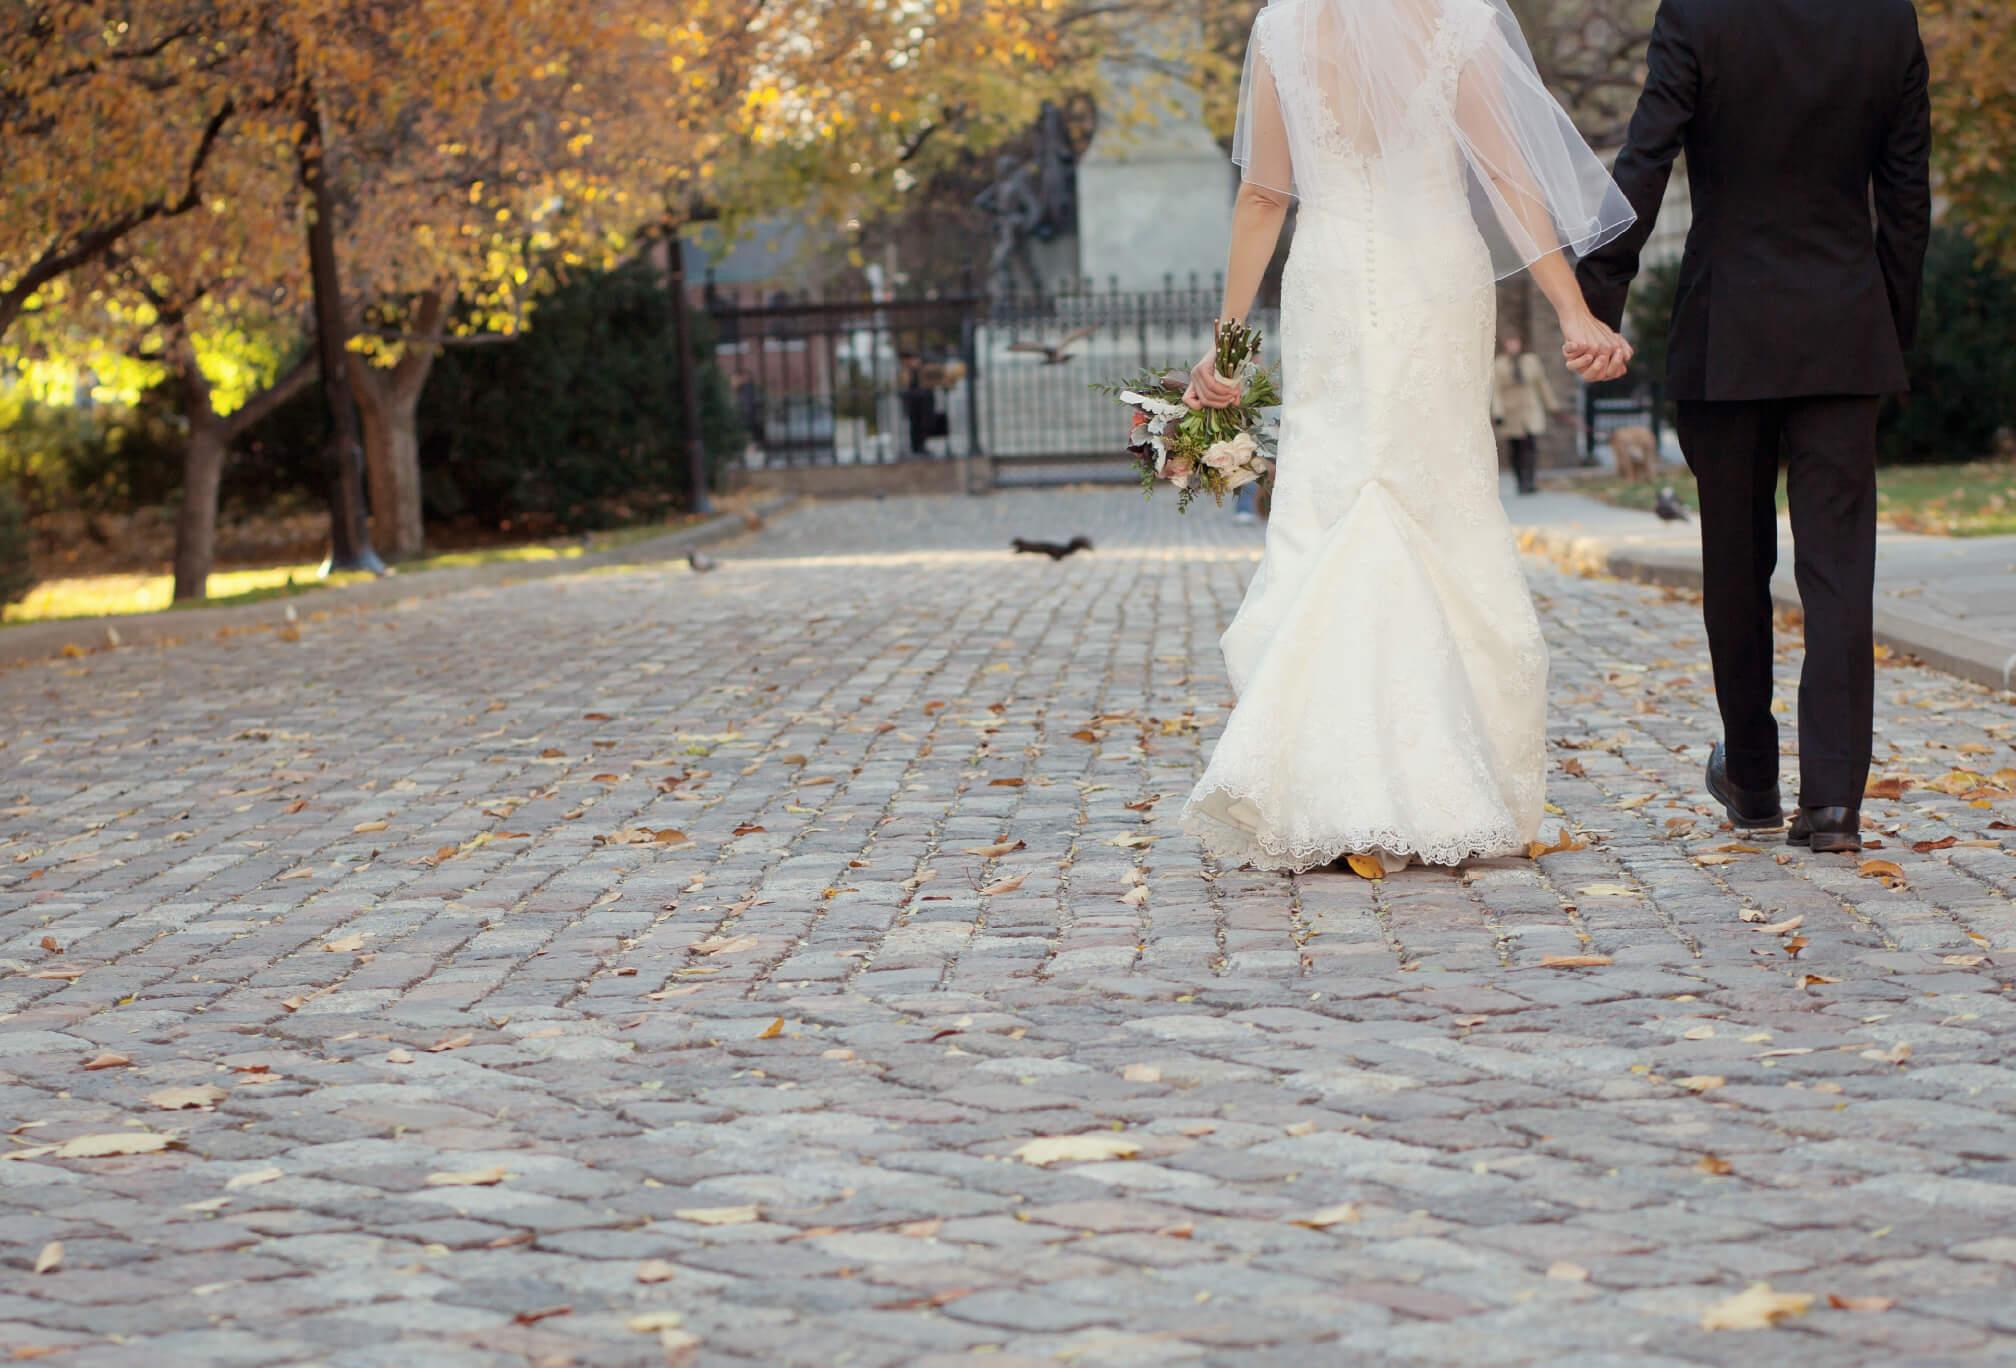 osgoode wedding photography